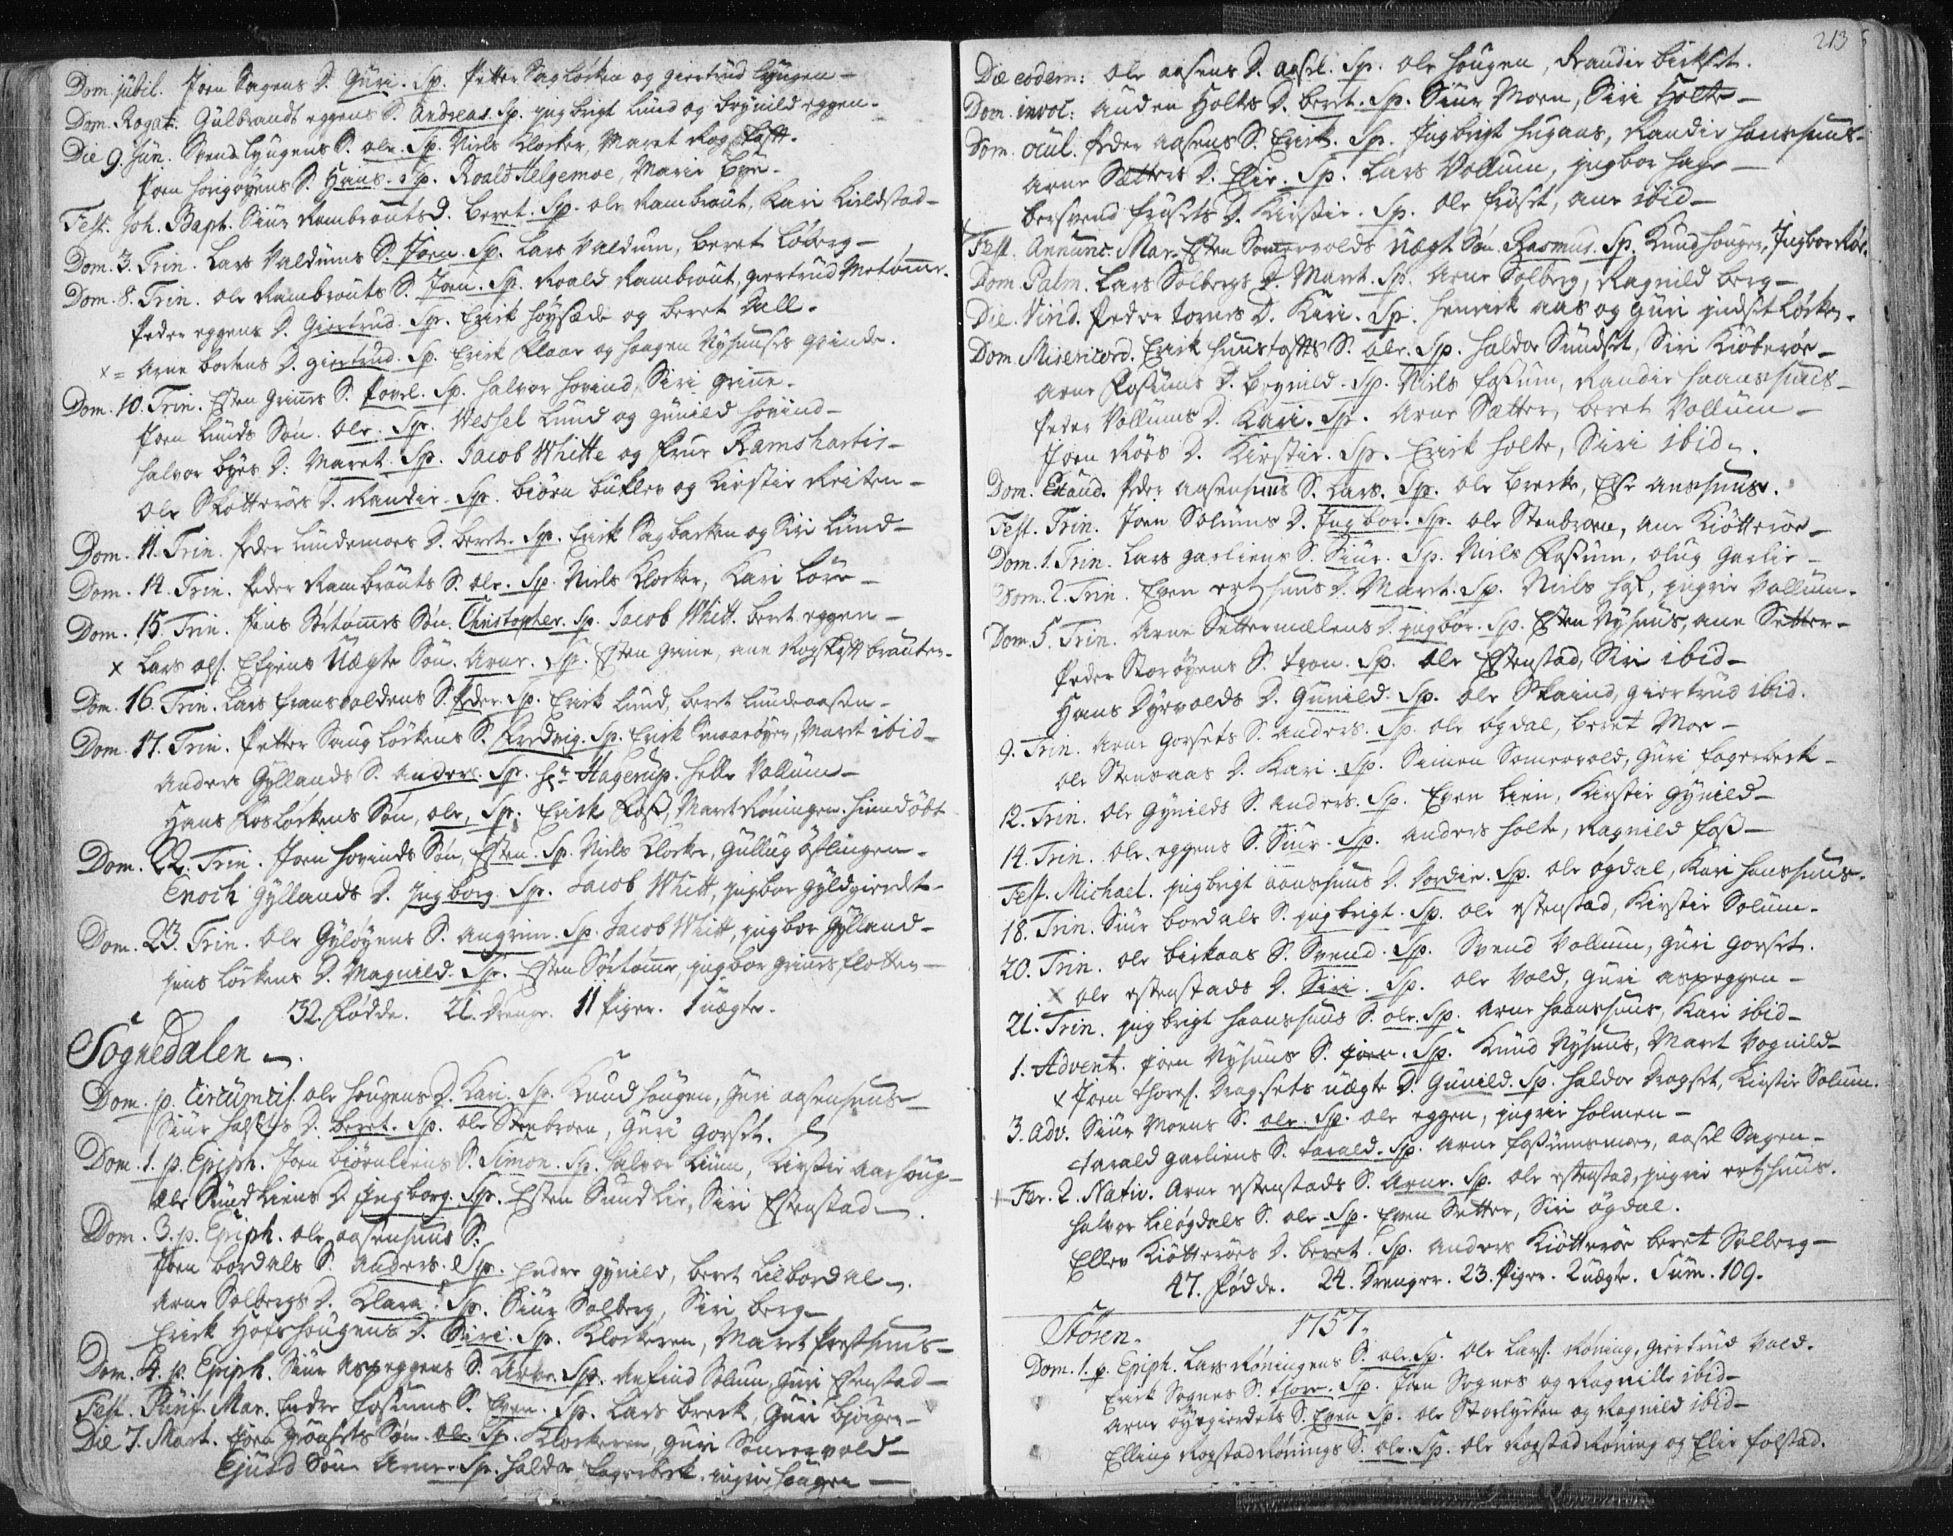 SAT, Ministerialprotokoller, klokkerbøker og fødselsregistre - Sør-Trøndelag, 687/L0991: Ministerialbok nr. 687A02, 1747-1790, s. 213